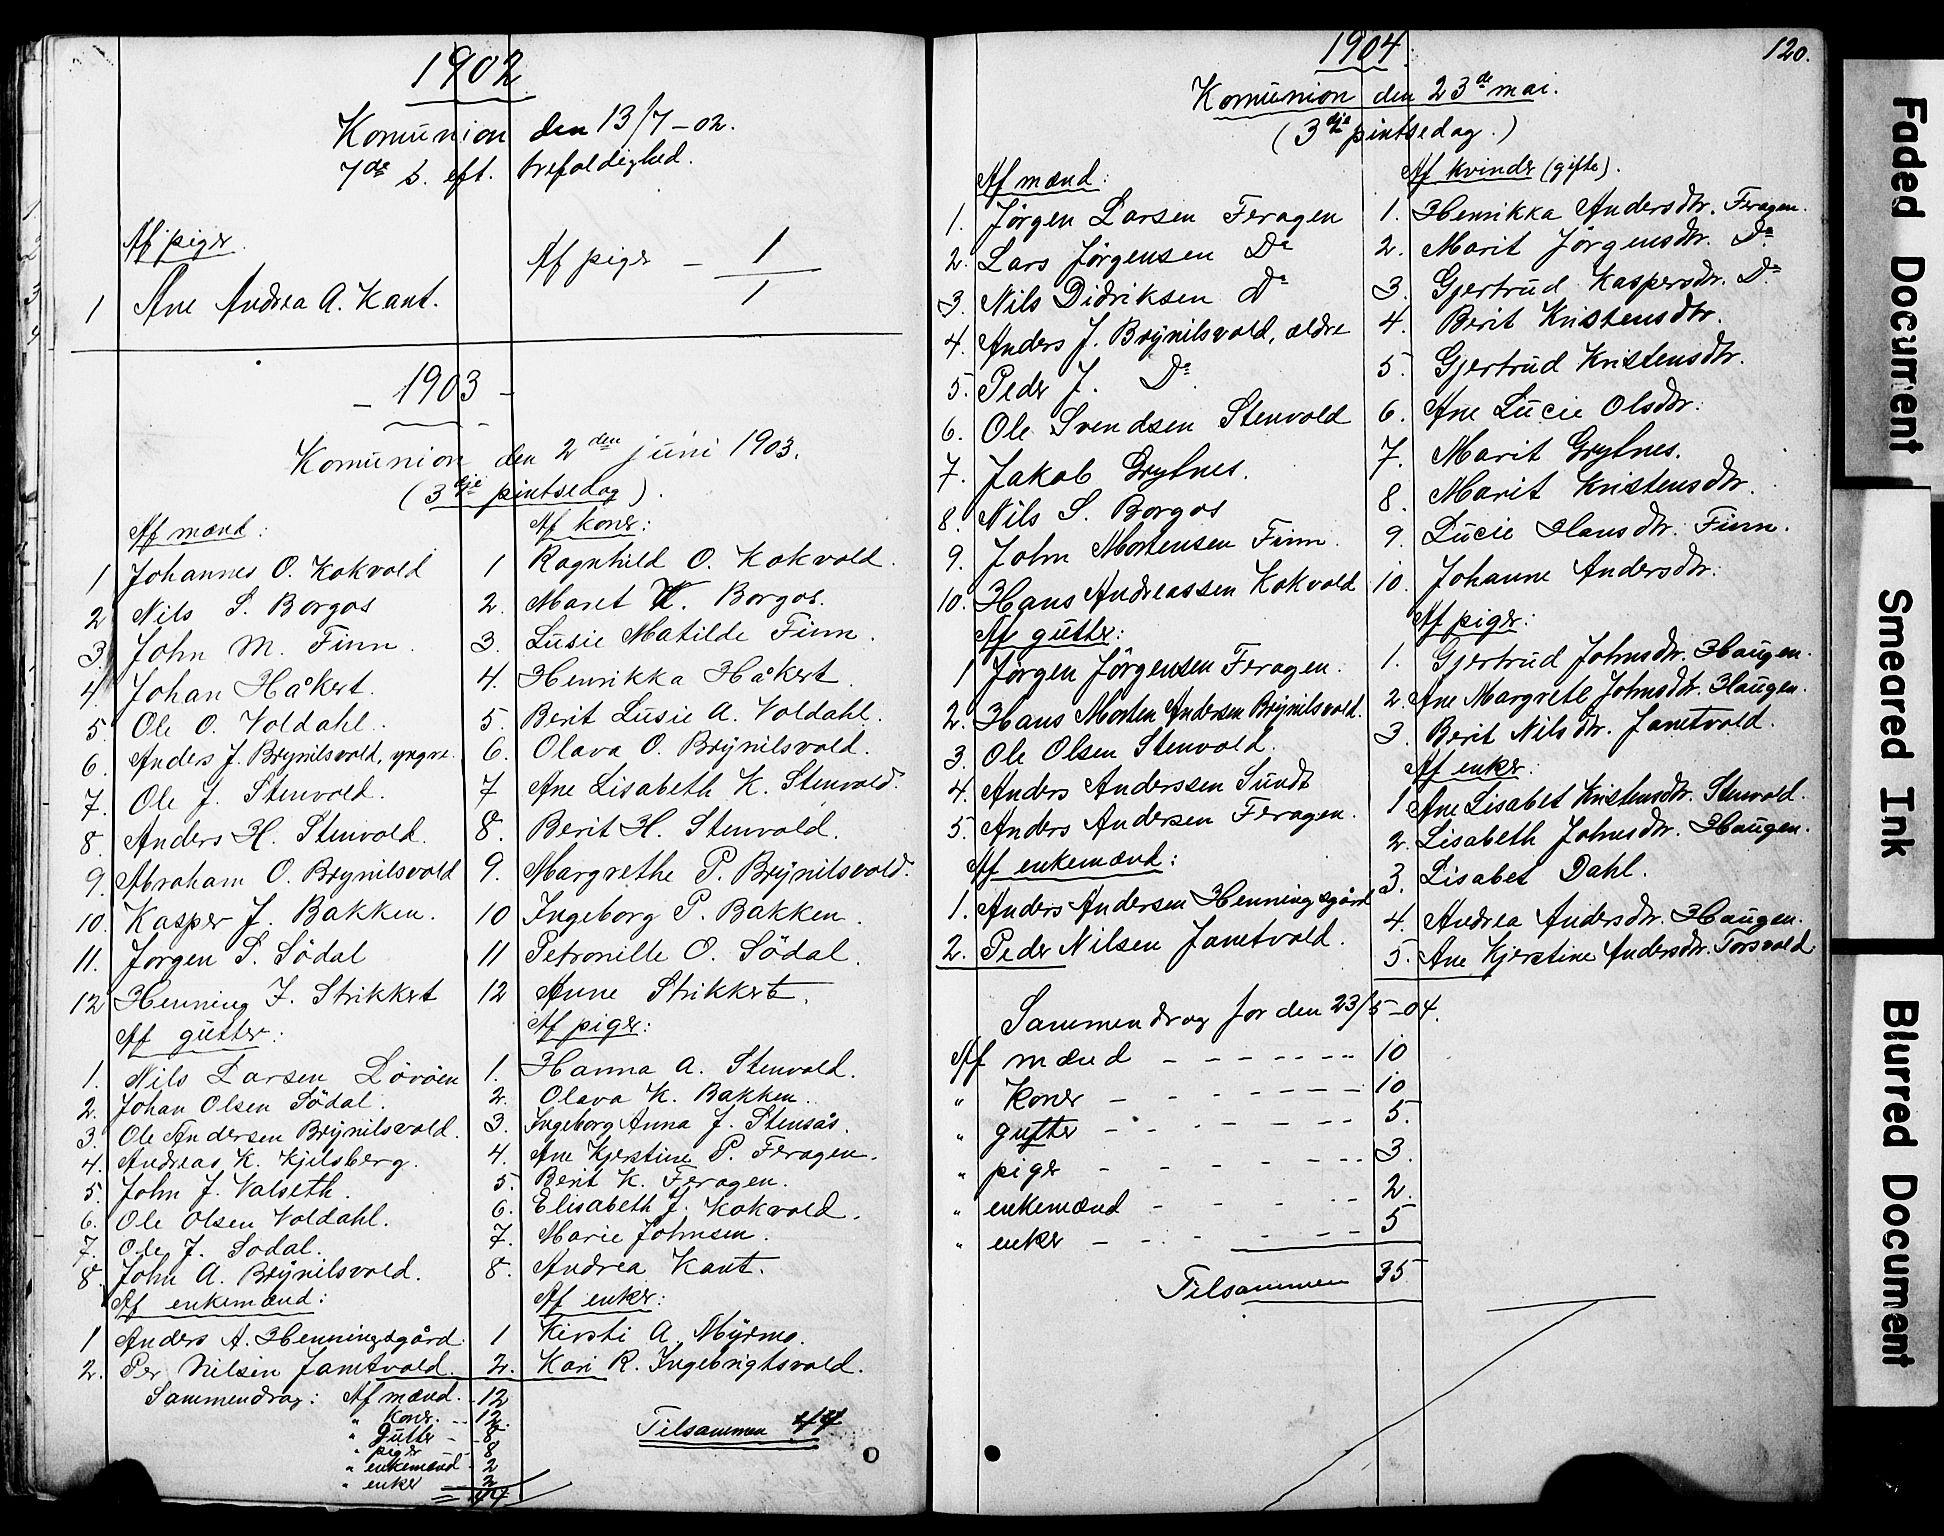 SAT, Ministerialprotokoller, klokkerbøker og fødselsregistre - Sør-Trøndelag, 683/L0949: Klokkerbok nr. 683C01, 1880-1896, s. 120